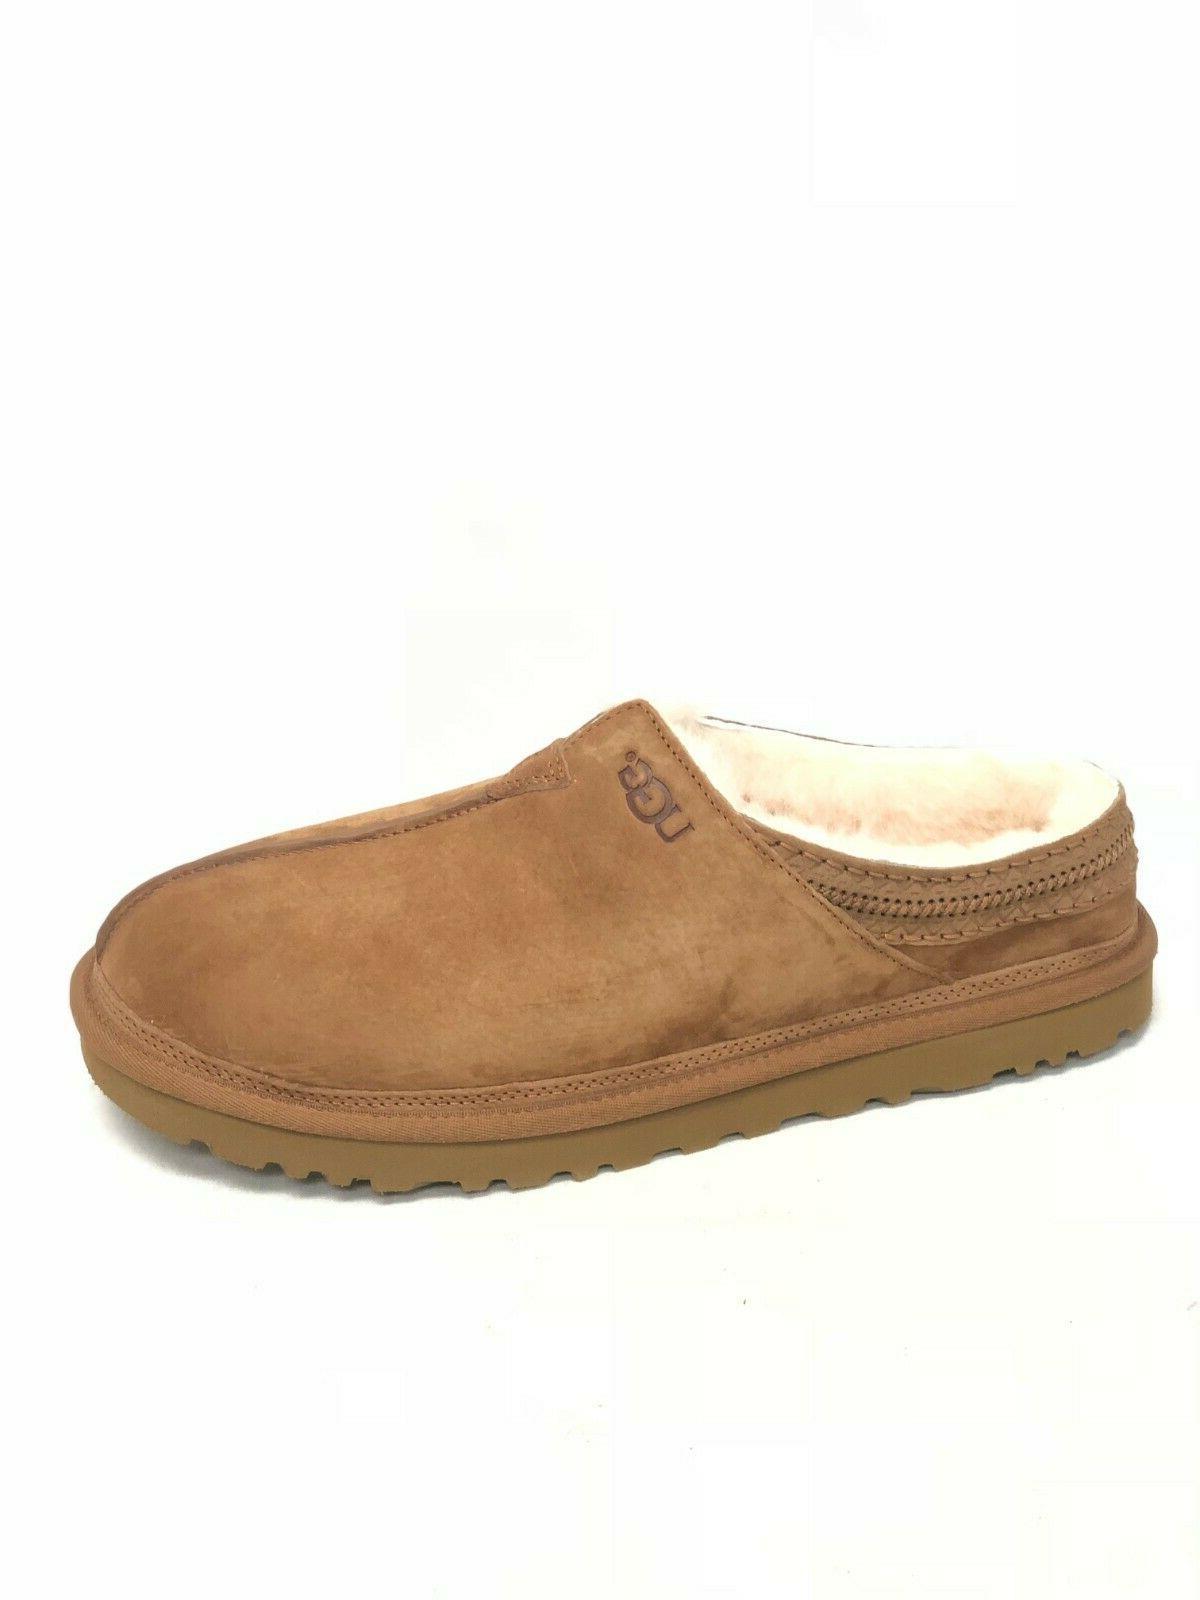 neuman chestnut suede sheepskin slippers shoes tasman